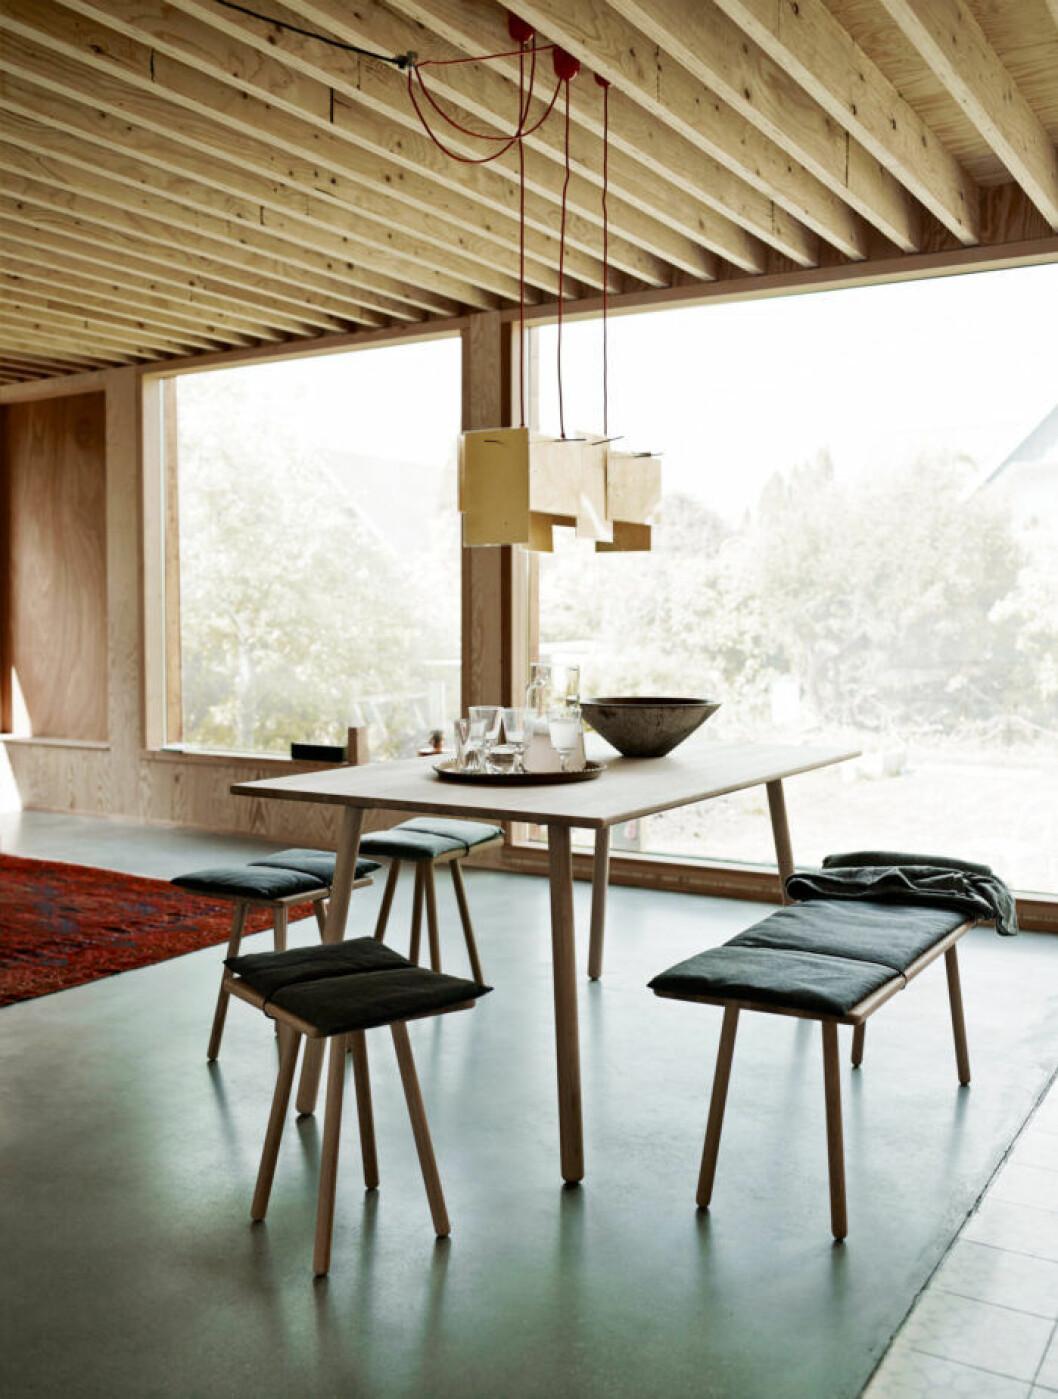 Bänk och pallar istället för stolar runt bordet